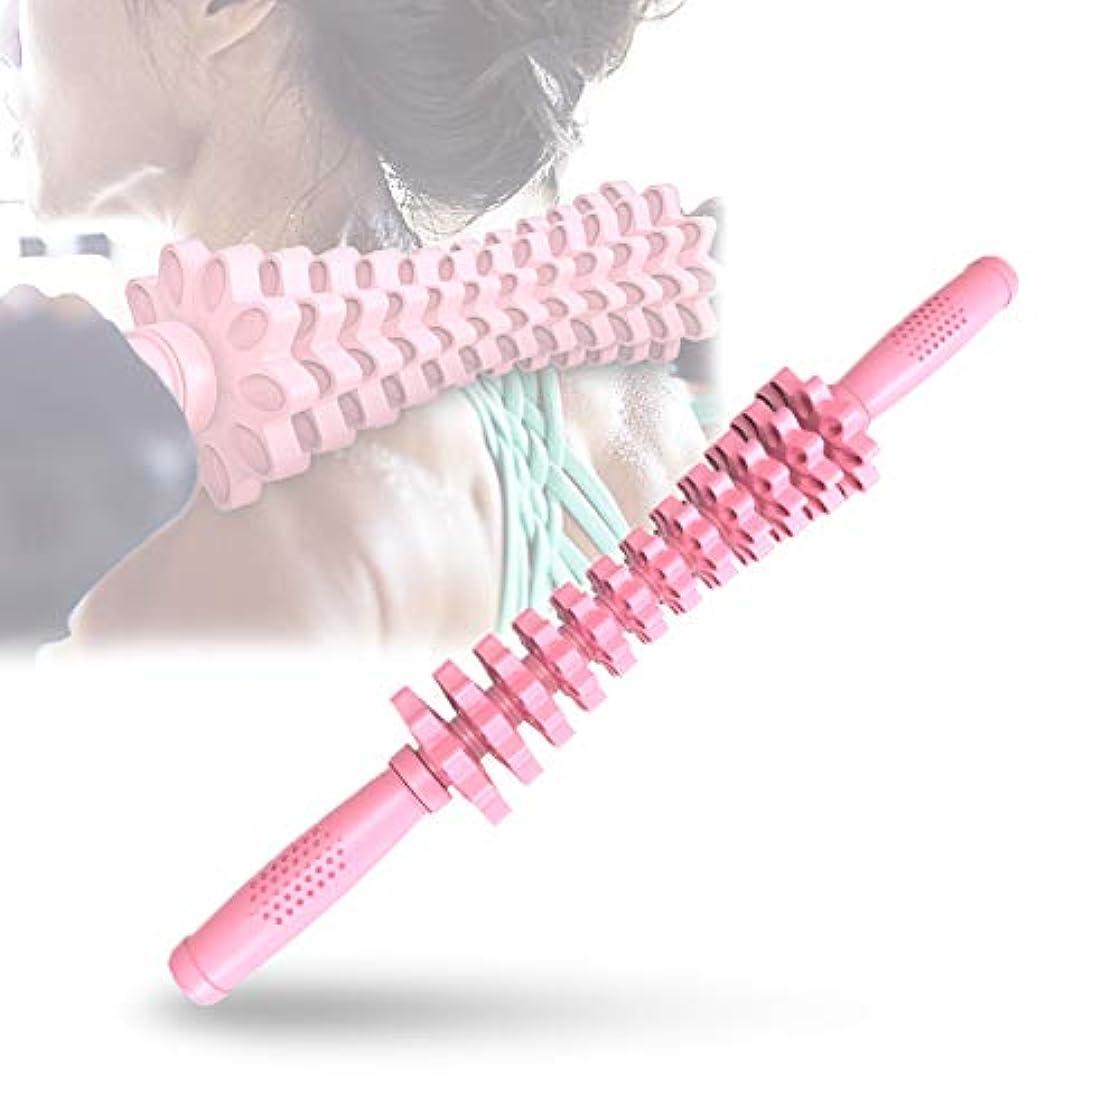 理解するどきどき消毒剤フォームローラー 筋肉マッサージおよび筋筋膜のトリガーポイント解放のためのギヤマッサージャーの取り外し可能なポリ塩化ビニールの快適な滑り止め,Pink